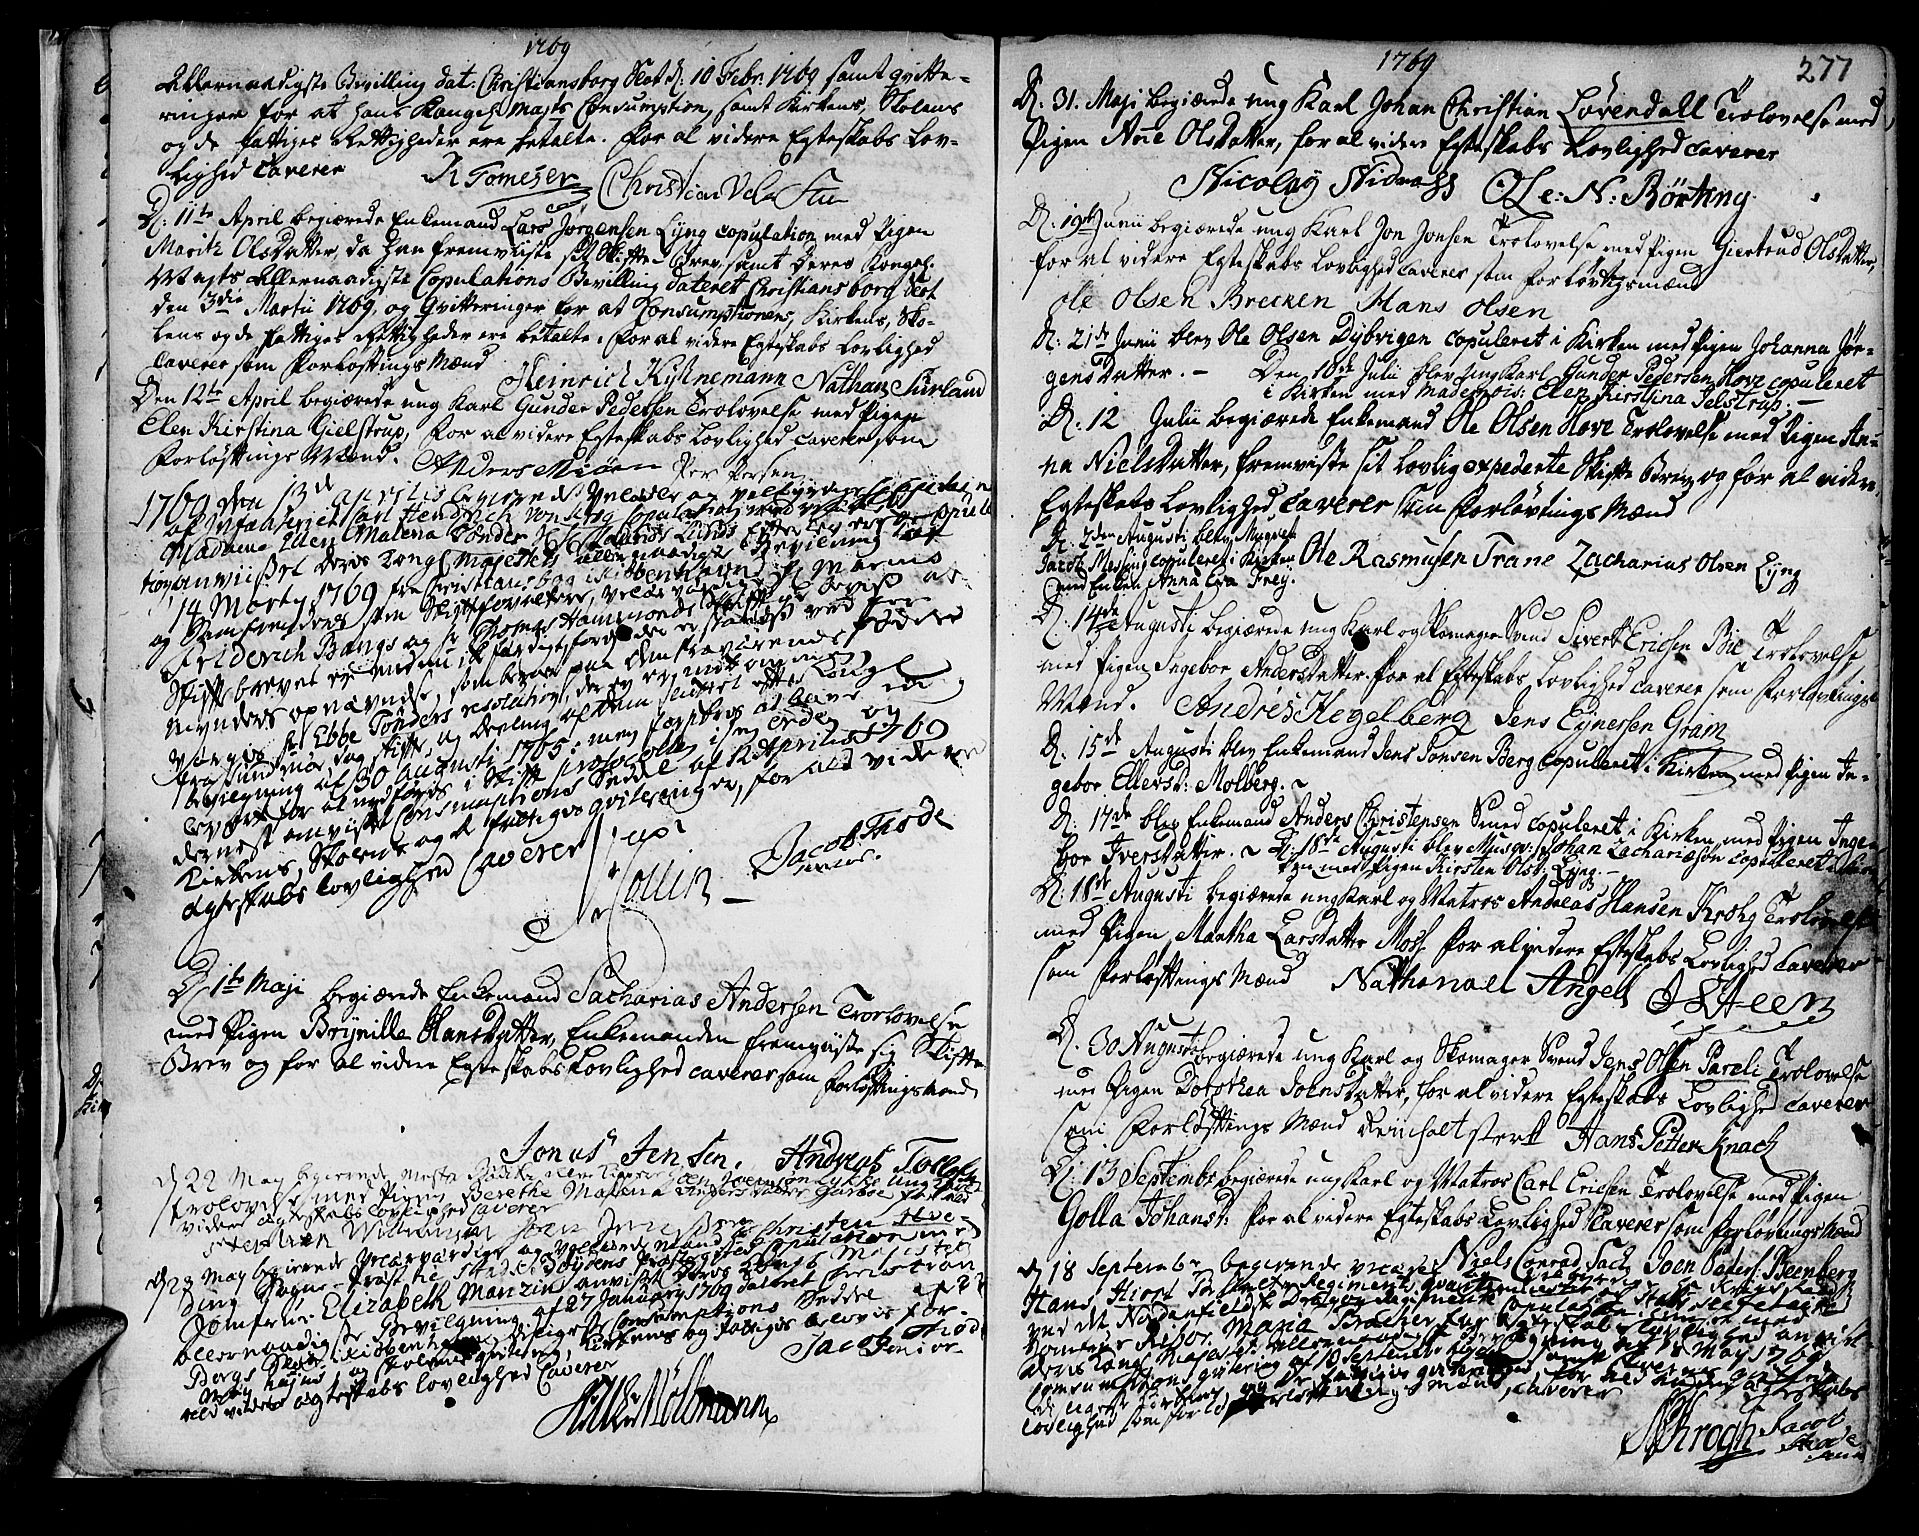 SAT, Ministerialprotokoller, klokkerbøker og fødselsregistre - Sør-Trøndelag, 601/L0038: Ministerialbok nr. 601A06, 1766-1877, s. 277